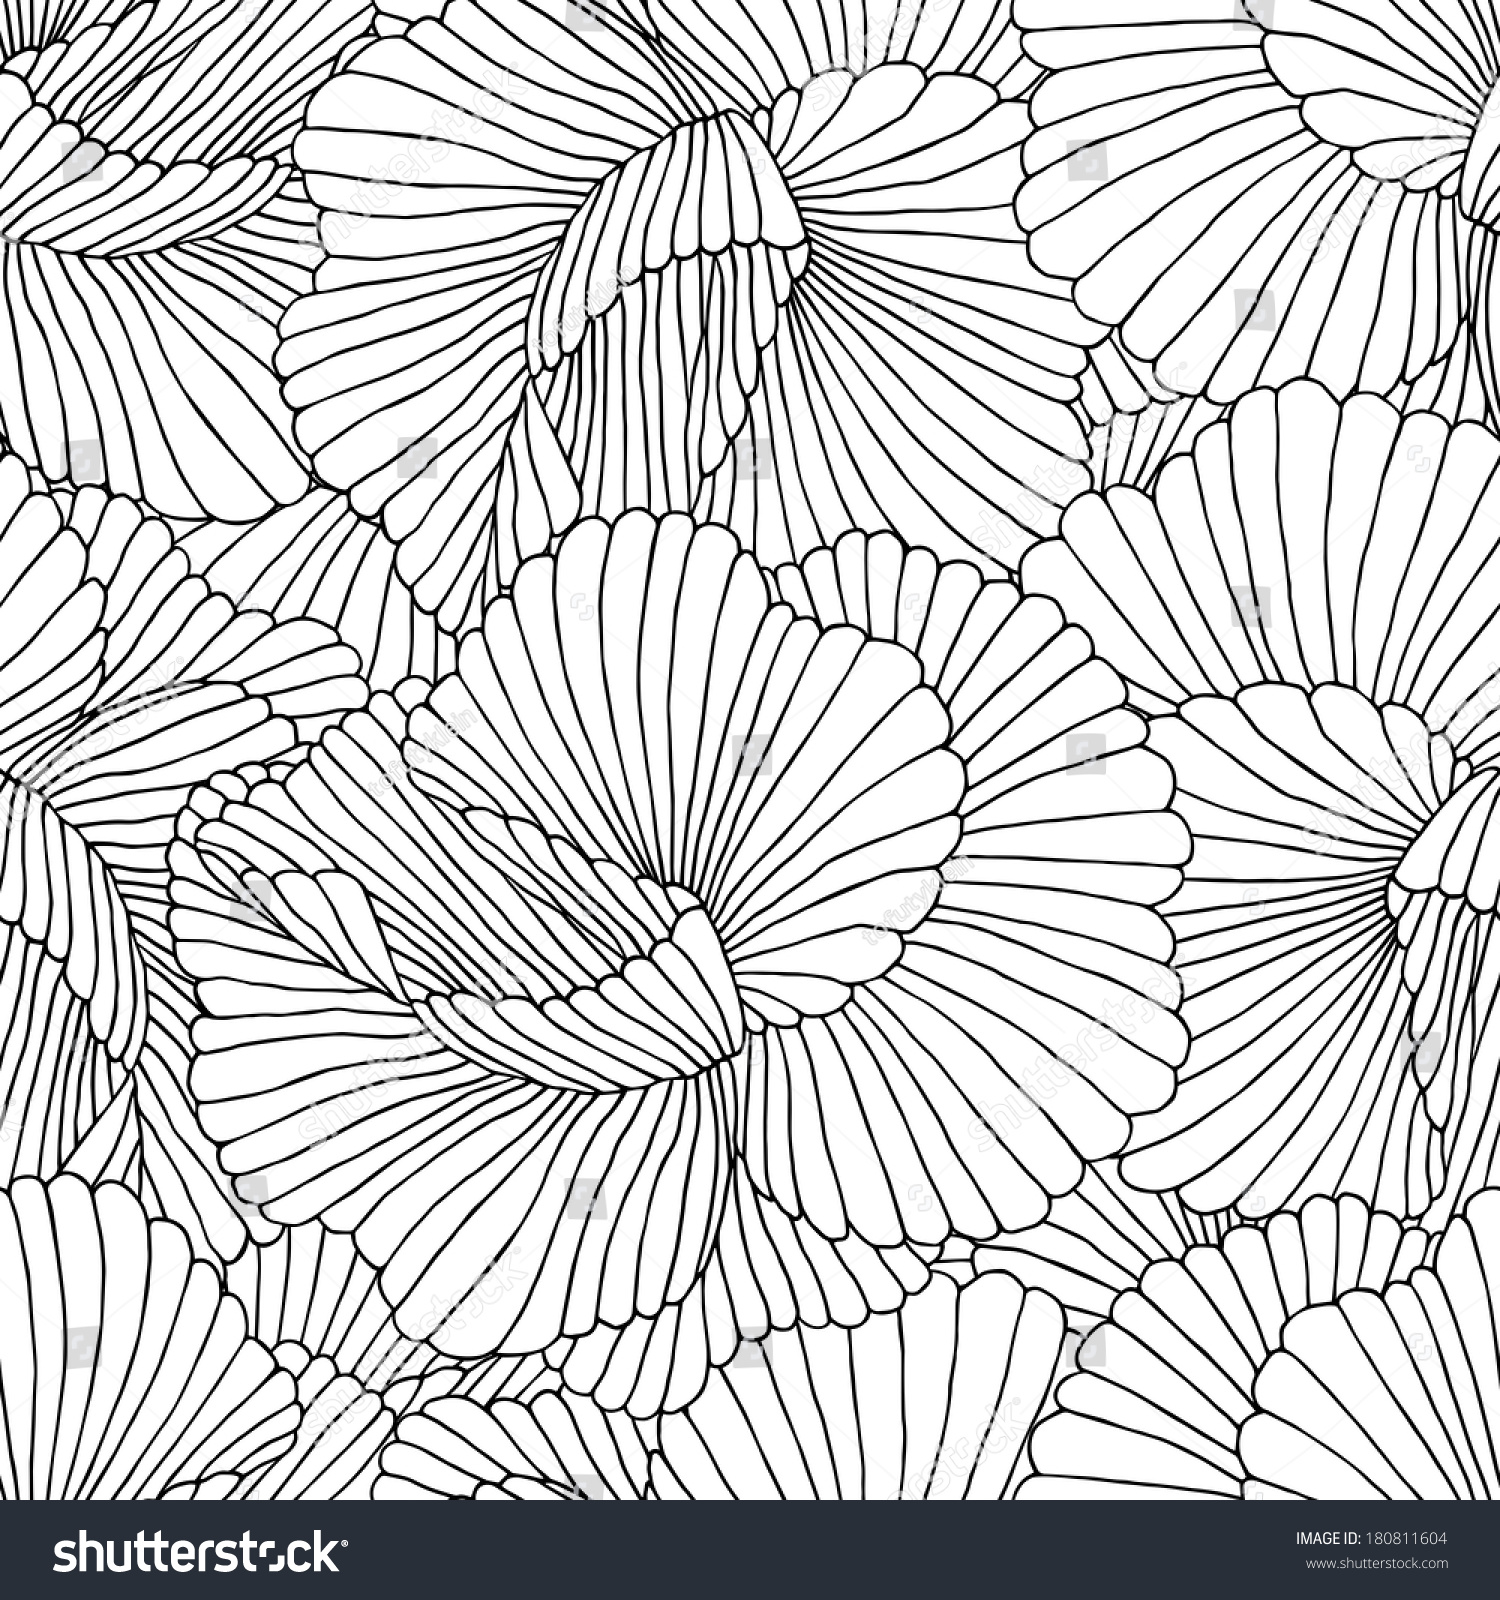 抽象的无缝的手绘图案.向量的背景图片